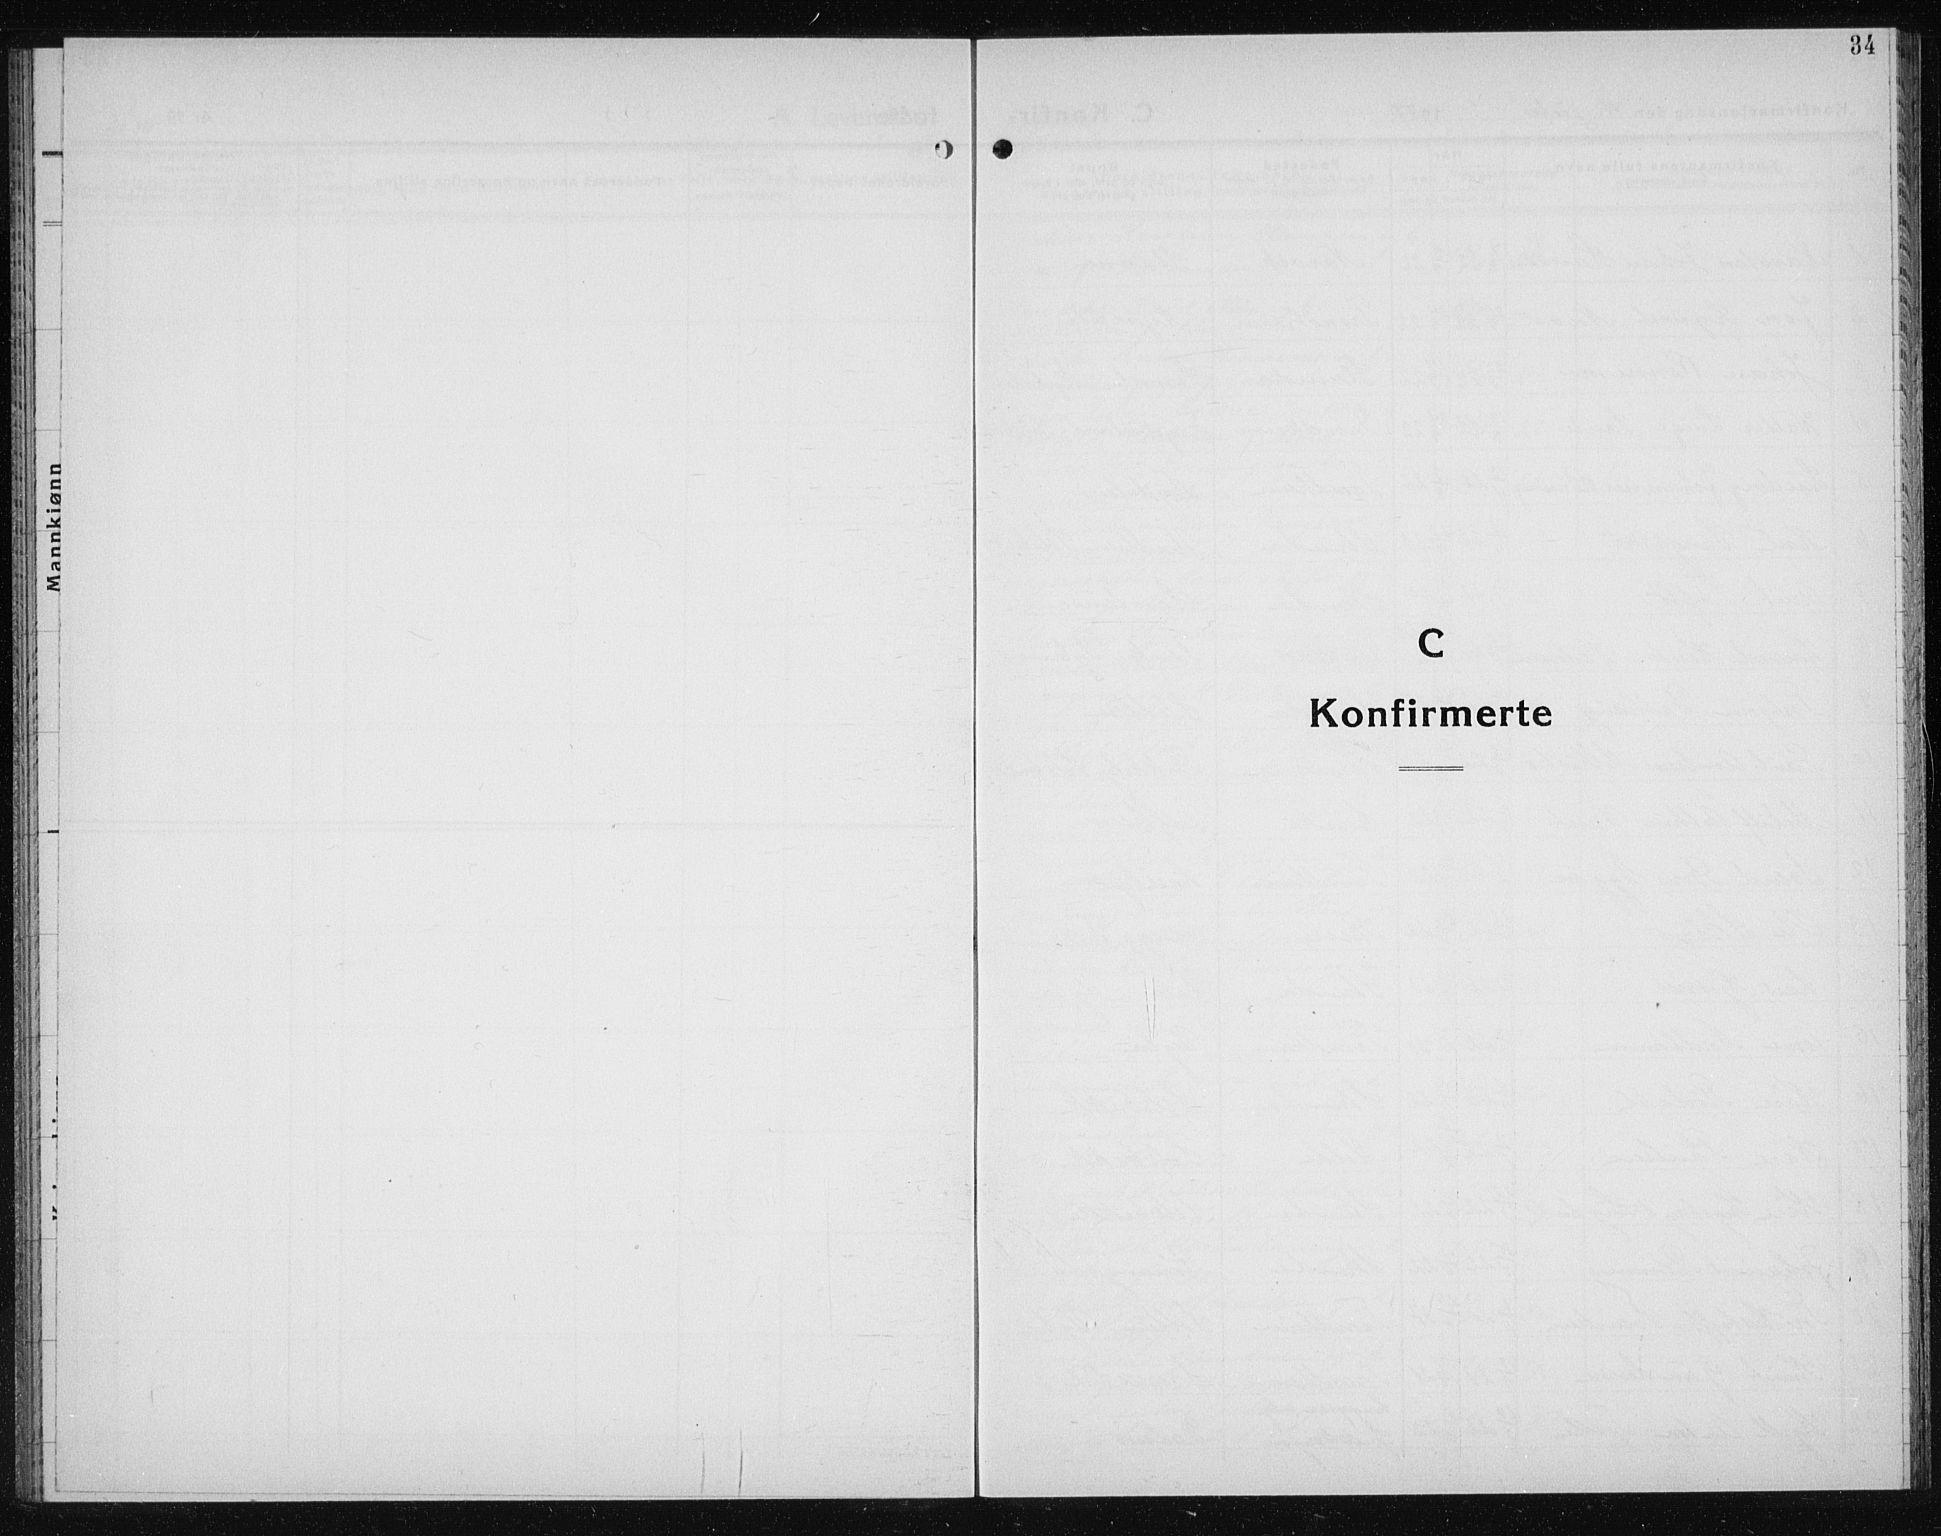 SAT, Ministerialprotokoller, klokkerbøker og fødselsregistre - Sør-Trøndelag, 611/L0357: Klokkerbok nr. 611C05, 1938-1942, s. 34